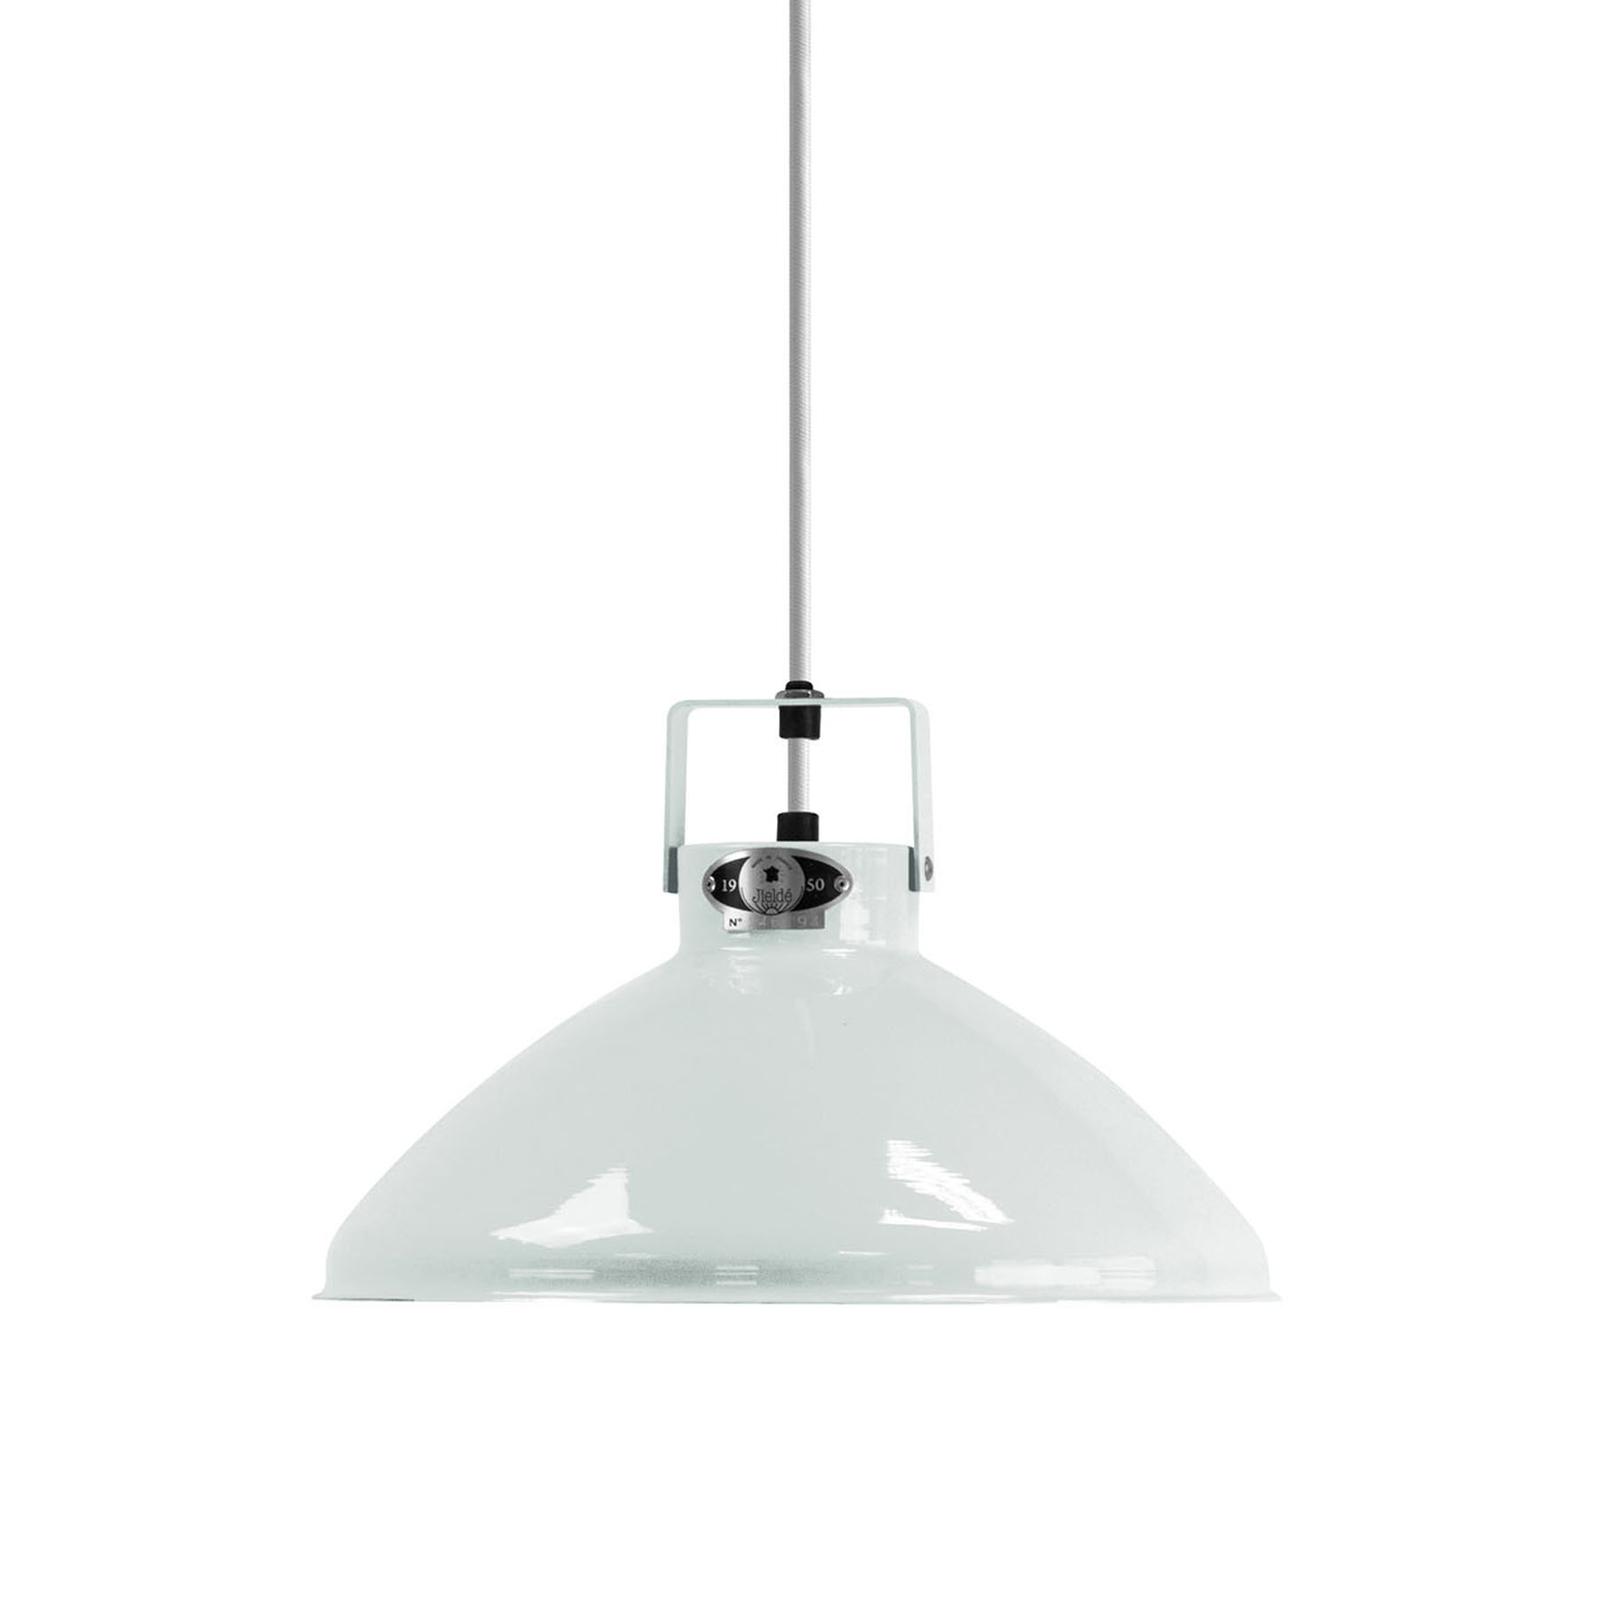 Jieldé Beaumont B240 lampa wisząca biała lśniąca